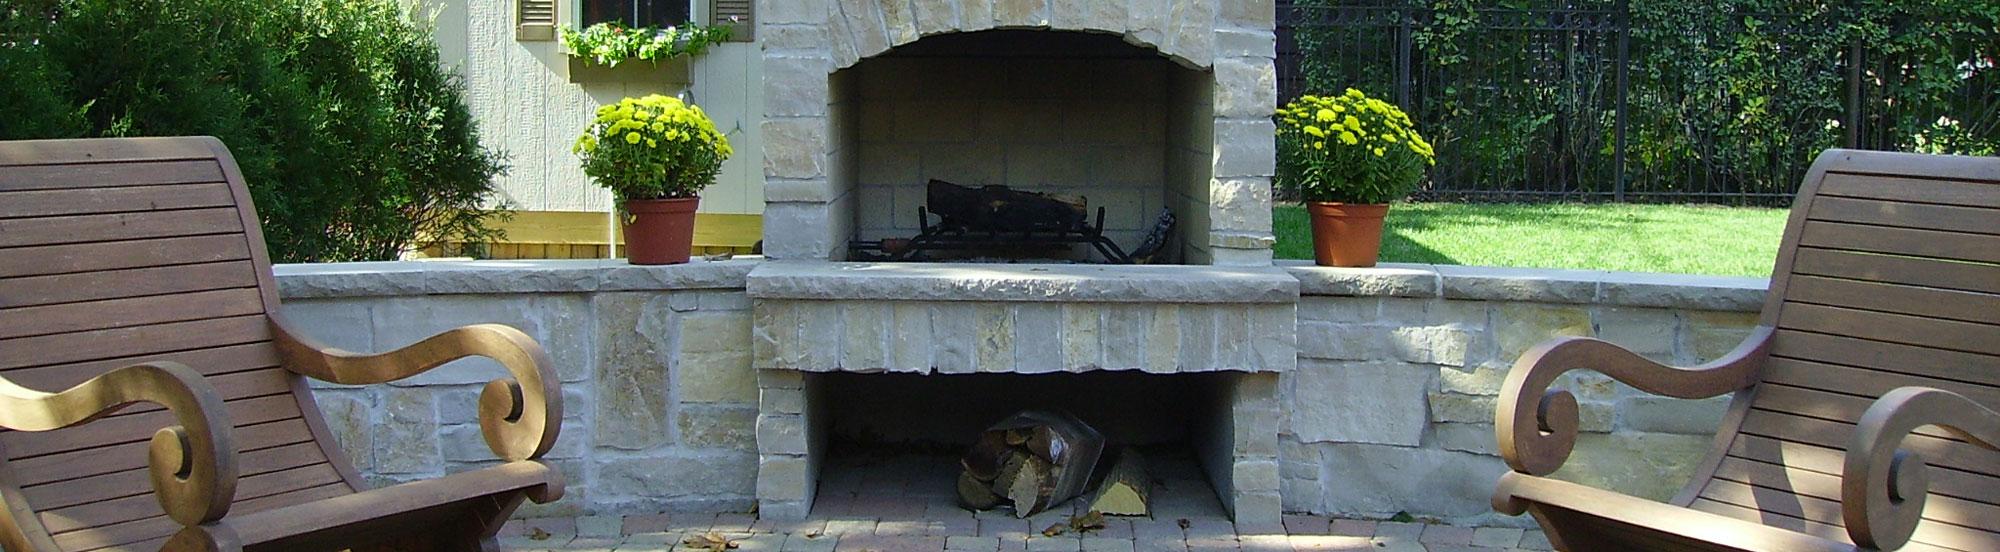 Pavestone Brick Paving